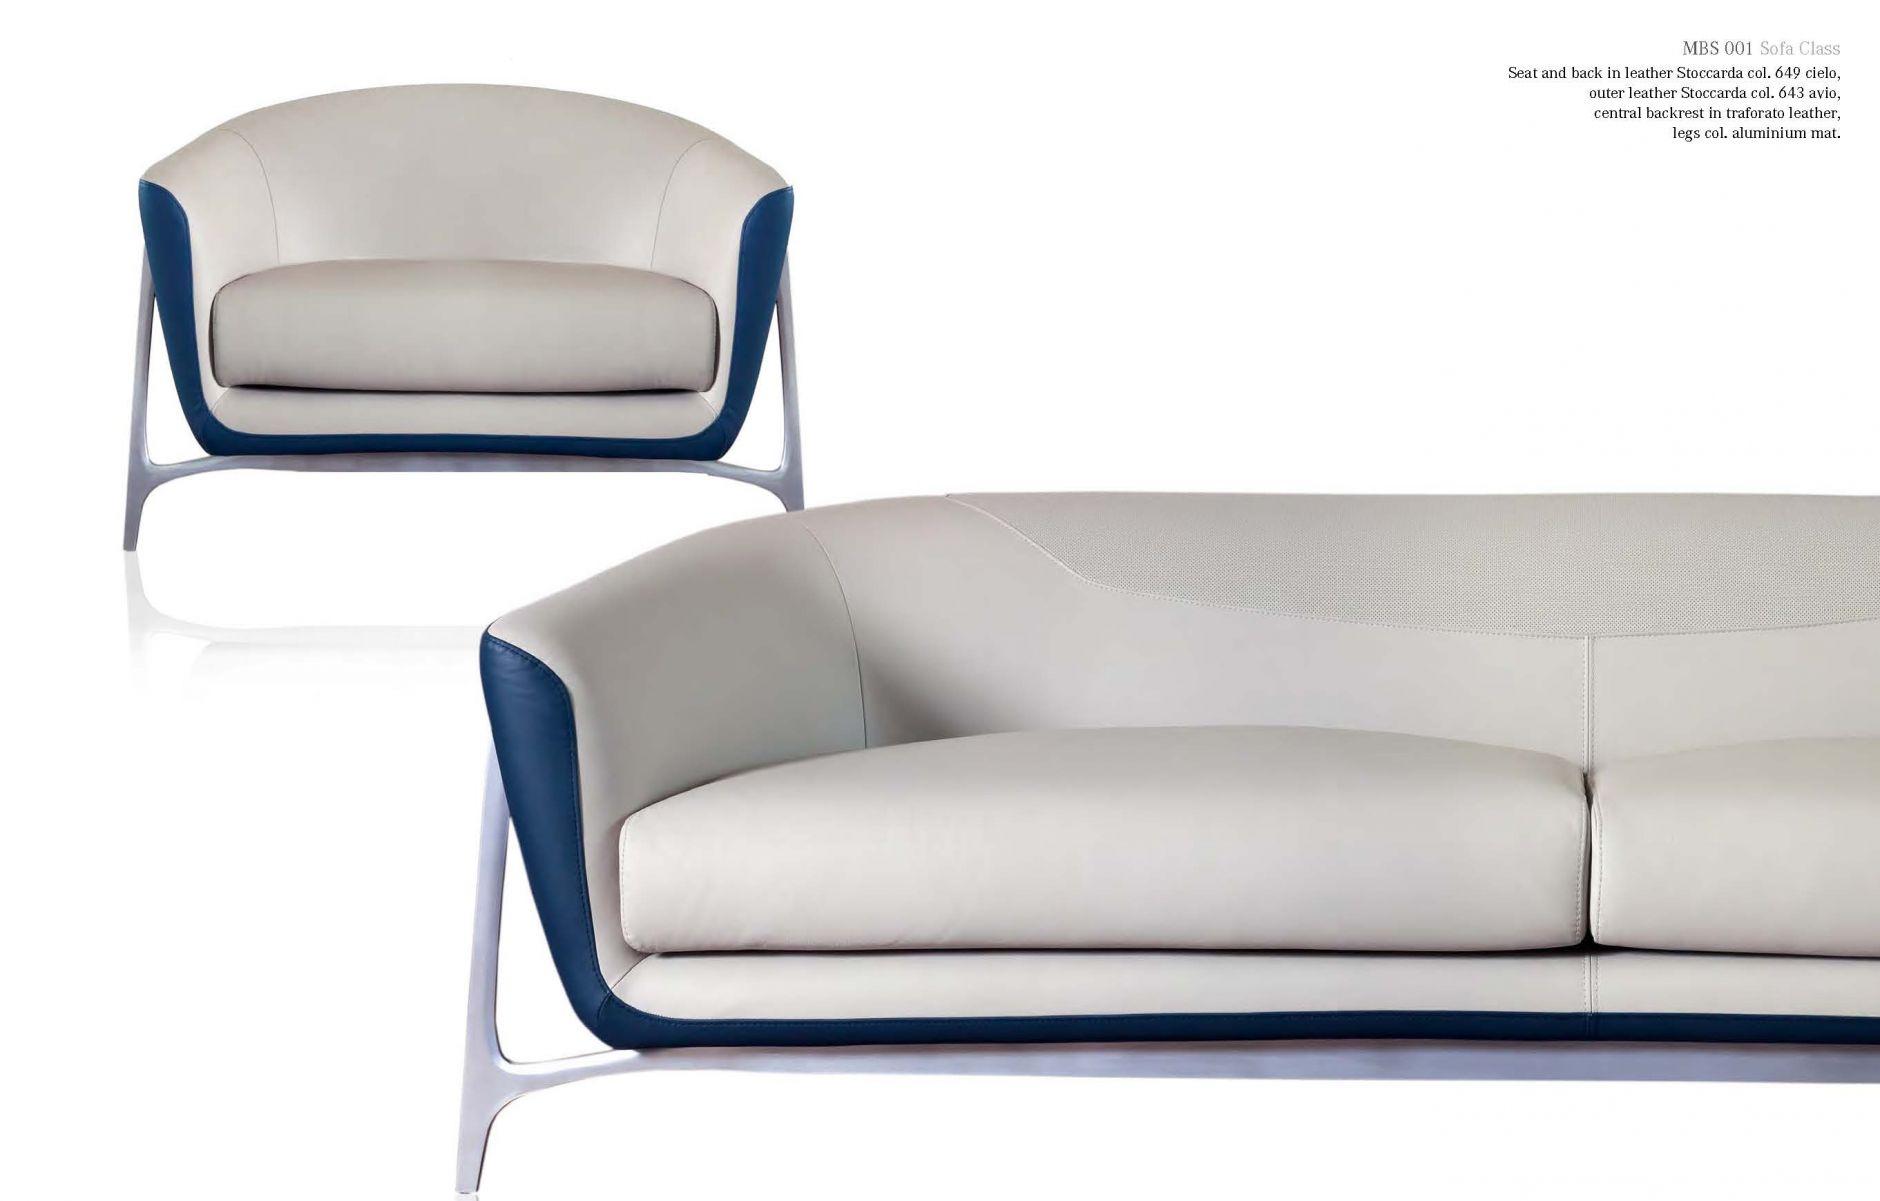 Vip Sofas Luxuriöse Sofas Mercedes Benz Style 001die Möbel Aus